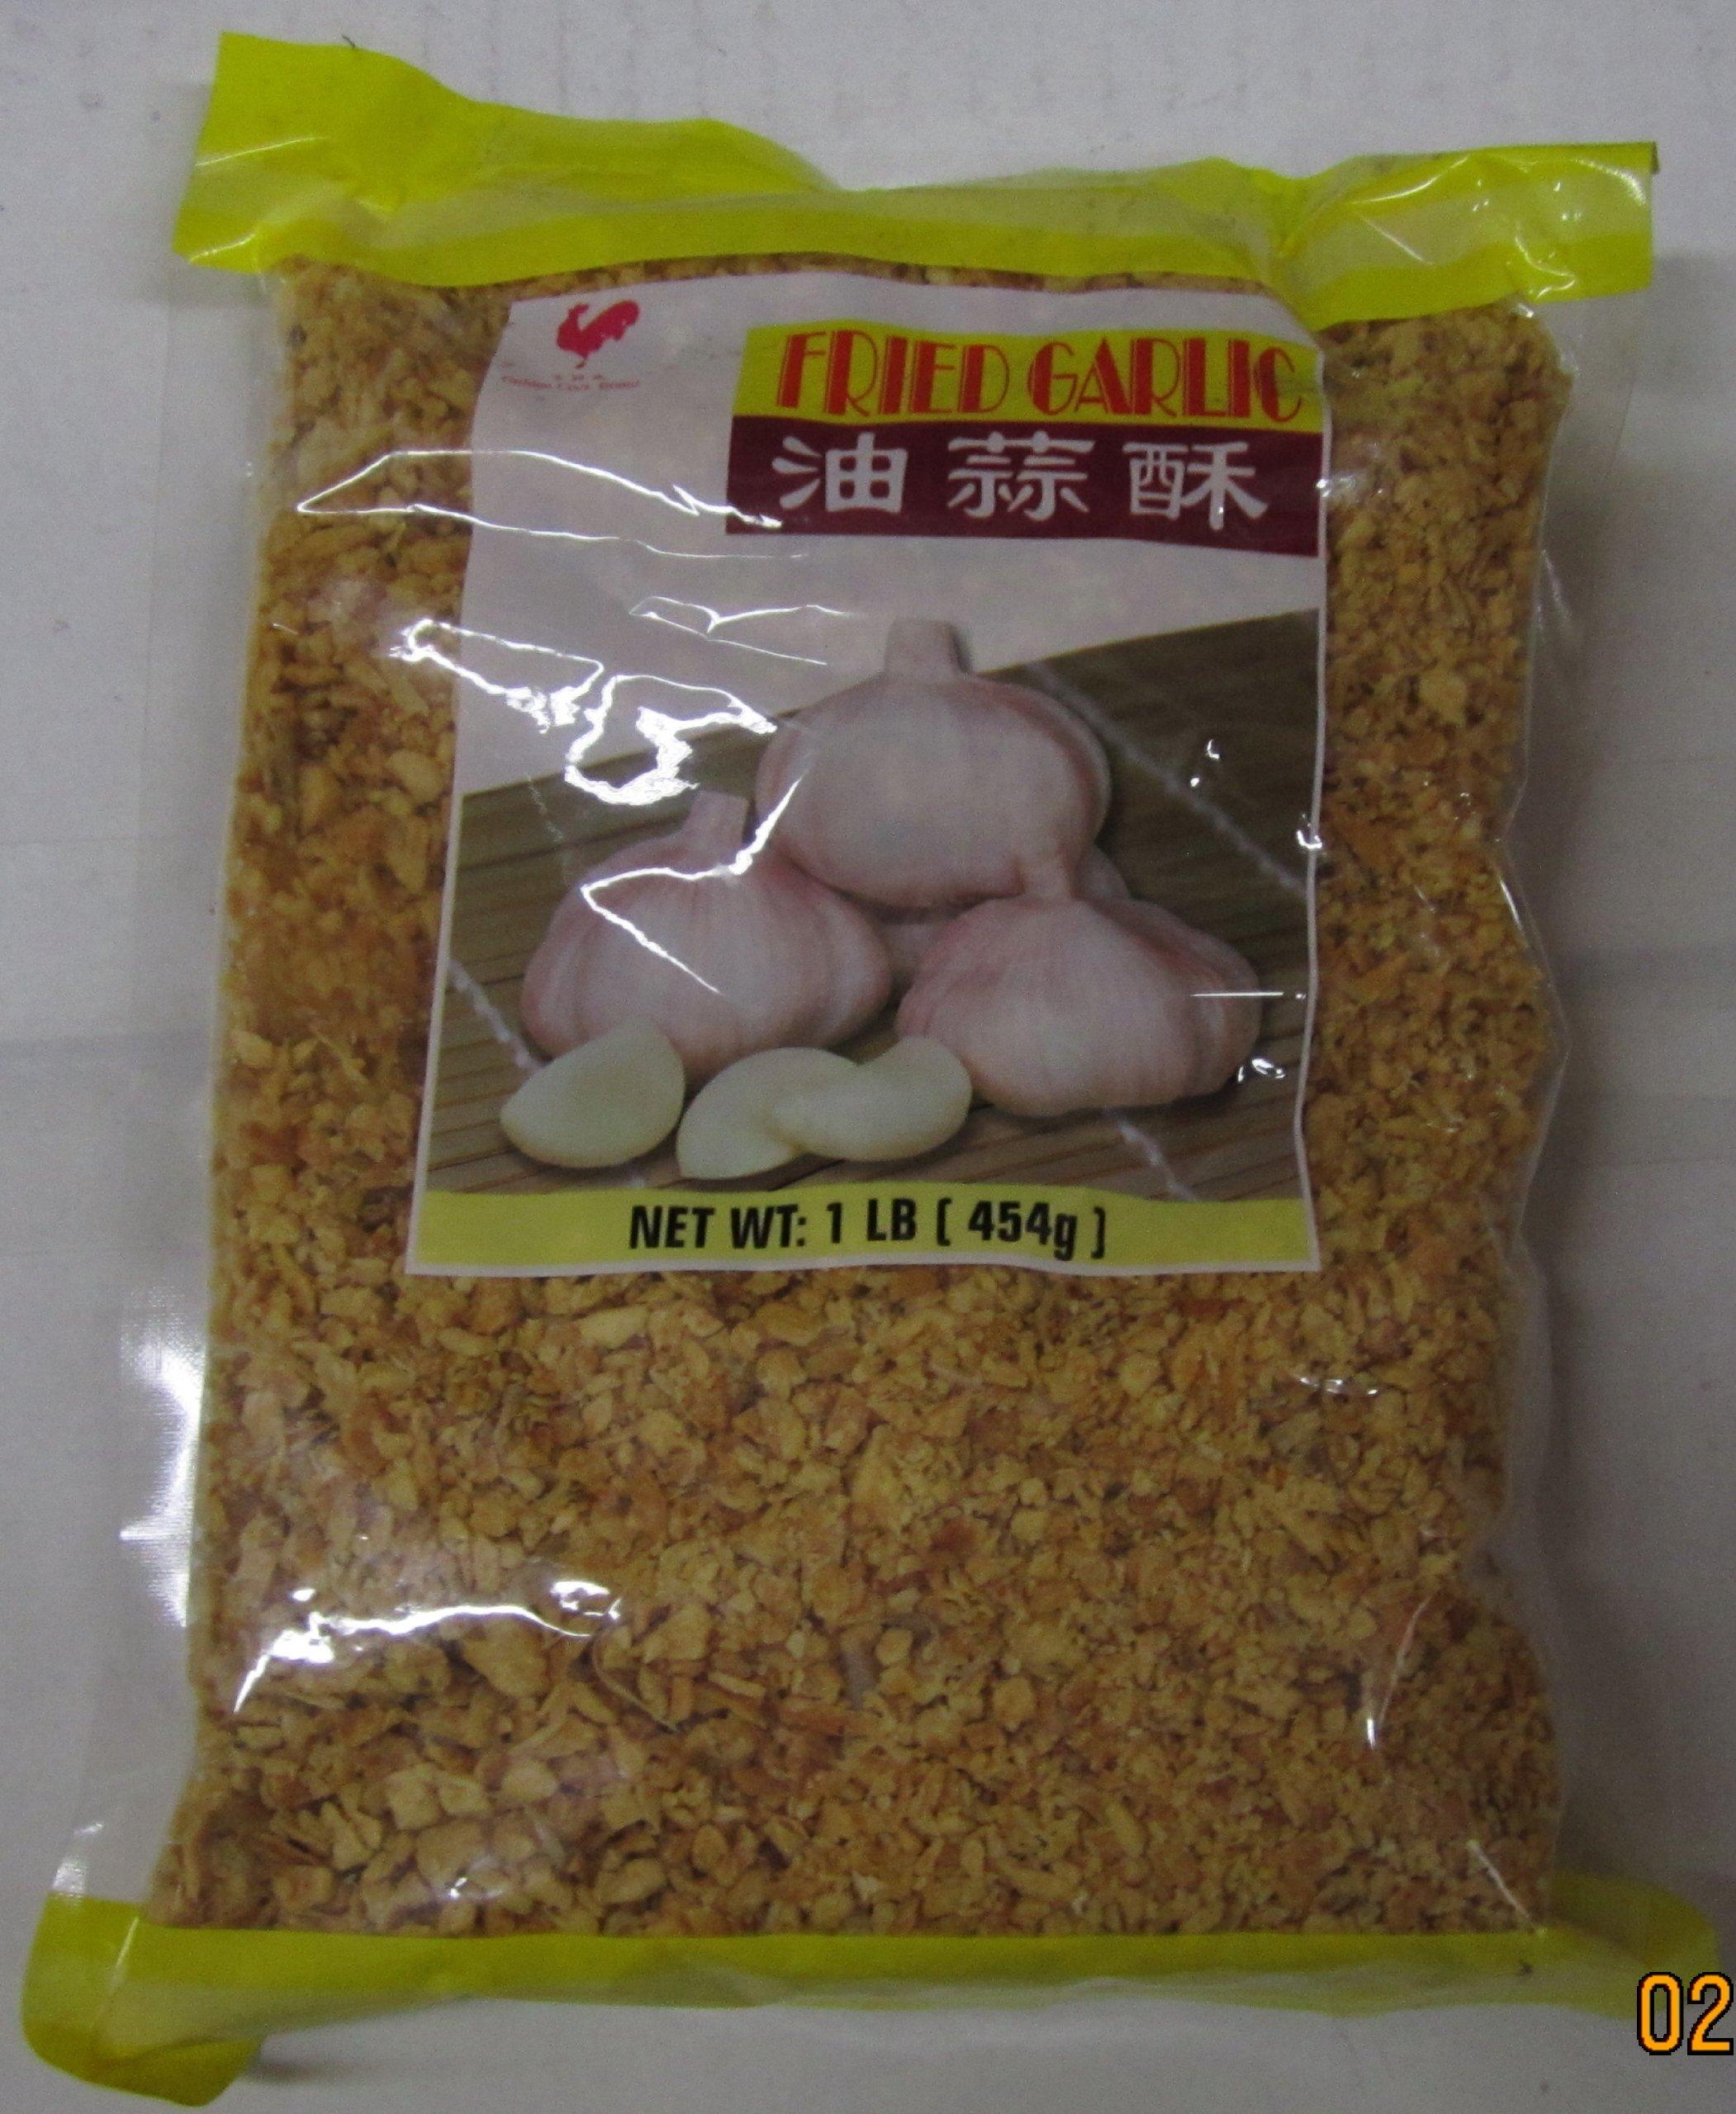 Fried Garlic 1 Lb